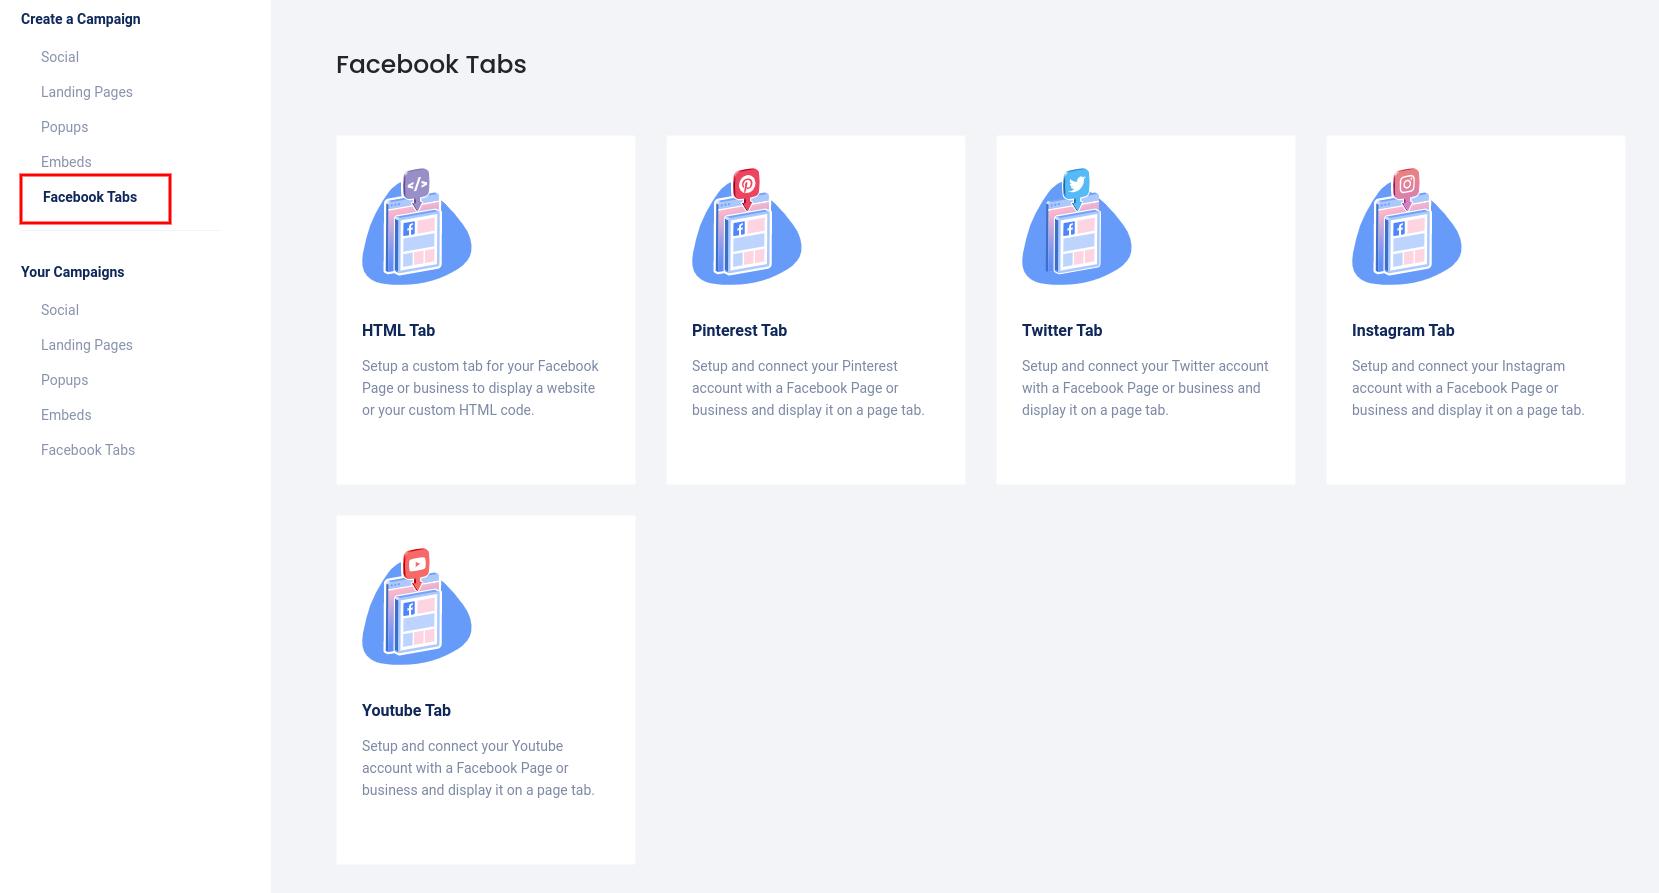 CAmpaigns - Facebook tabs 2021